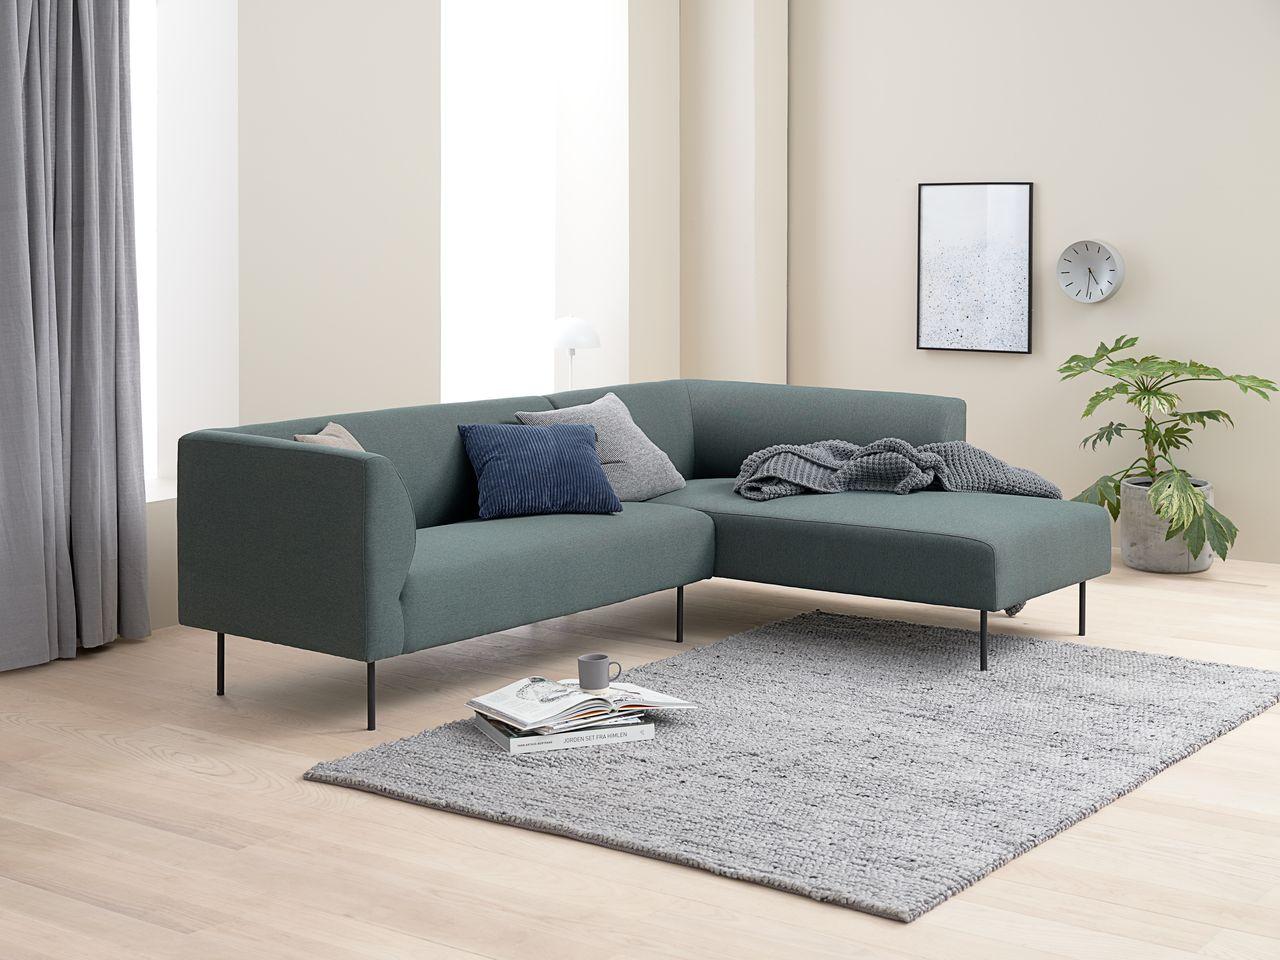 Ghế sofa góc KARE đệm bọc vải polyester, xanh lá đậm/ chân sắt sơn đen, R230xC74xS76/169cm